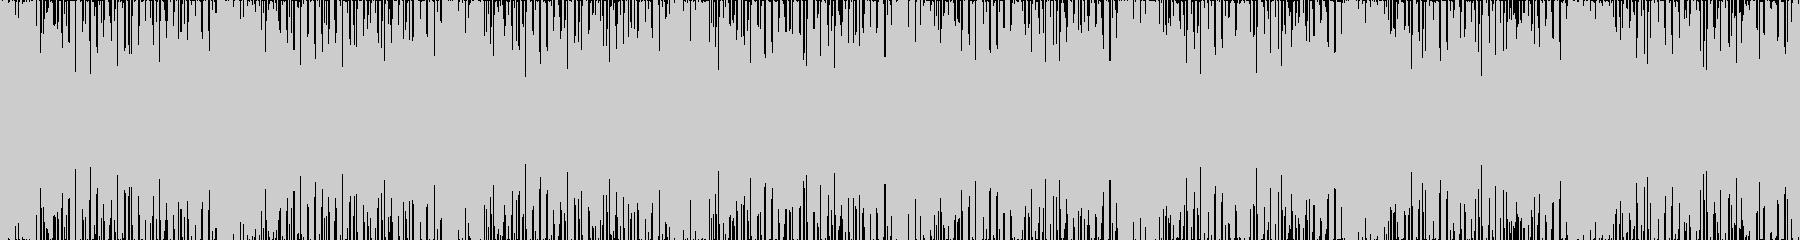 【ループ】ベース、スラップ、疾走感の未再生の波形